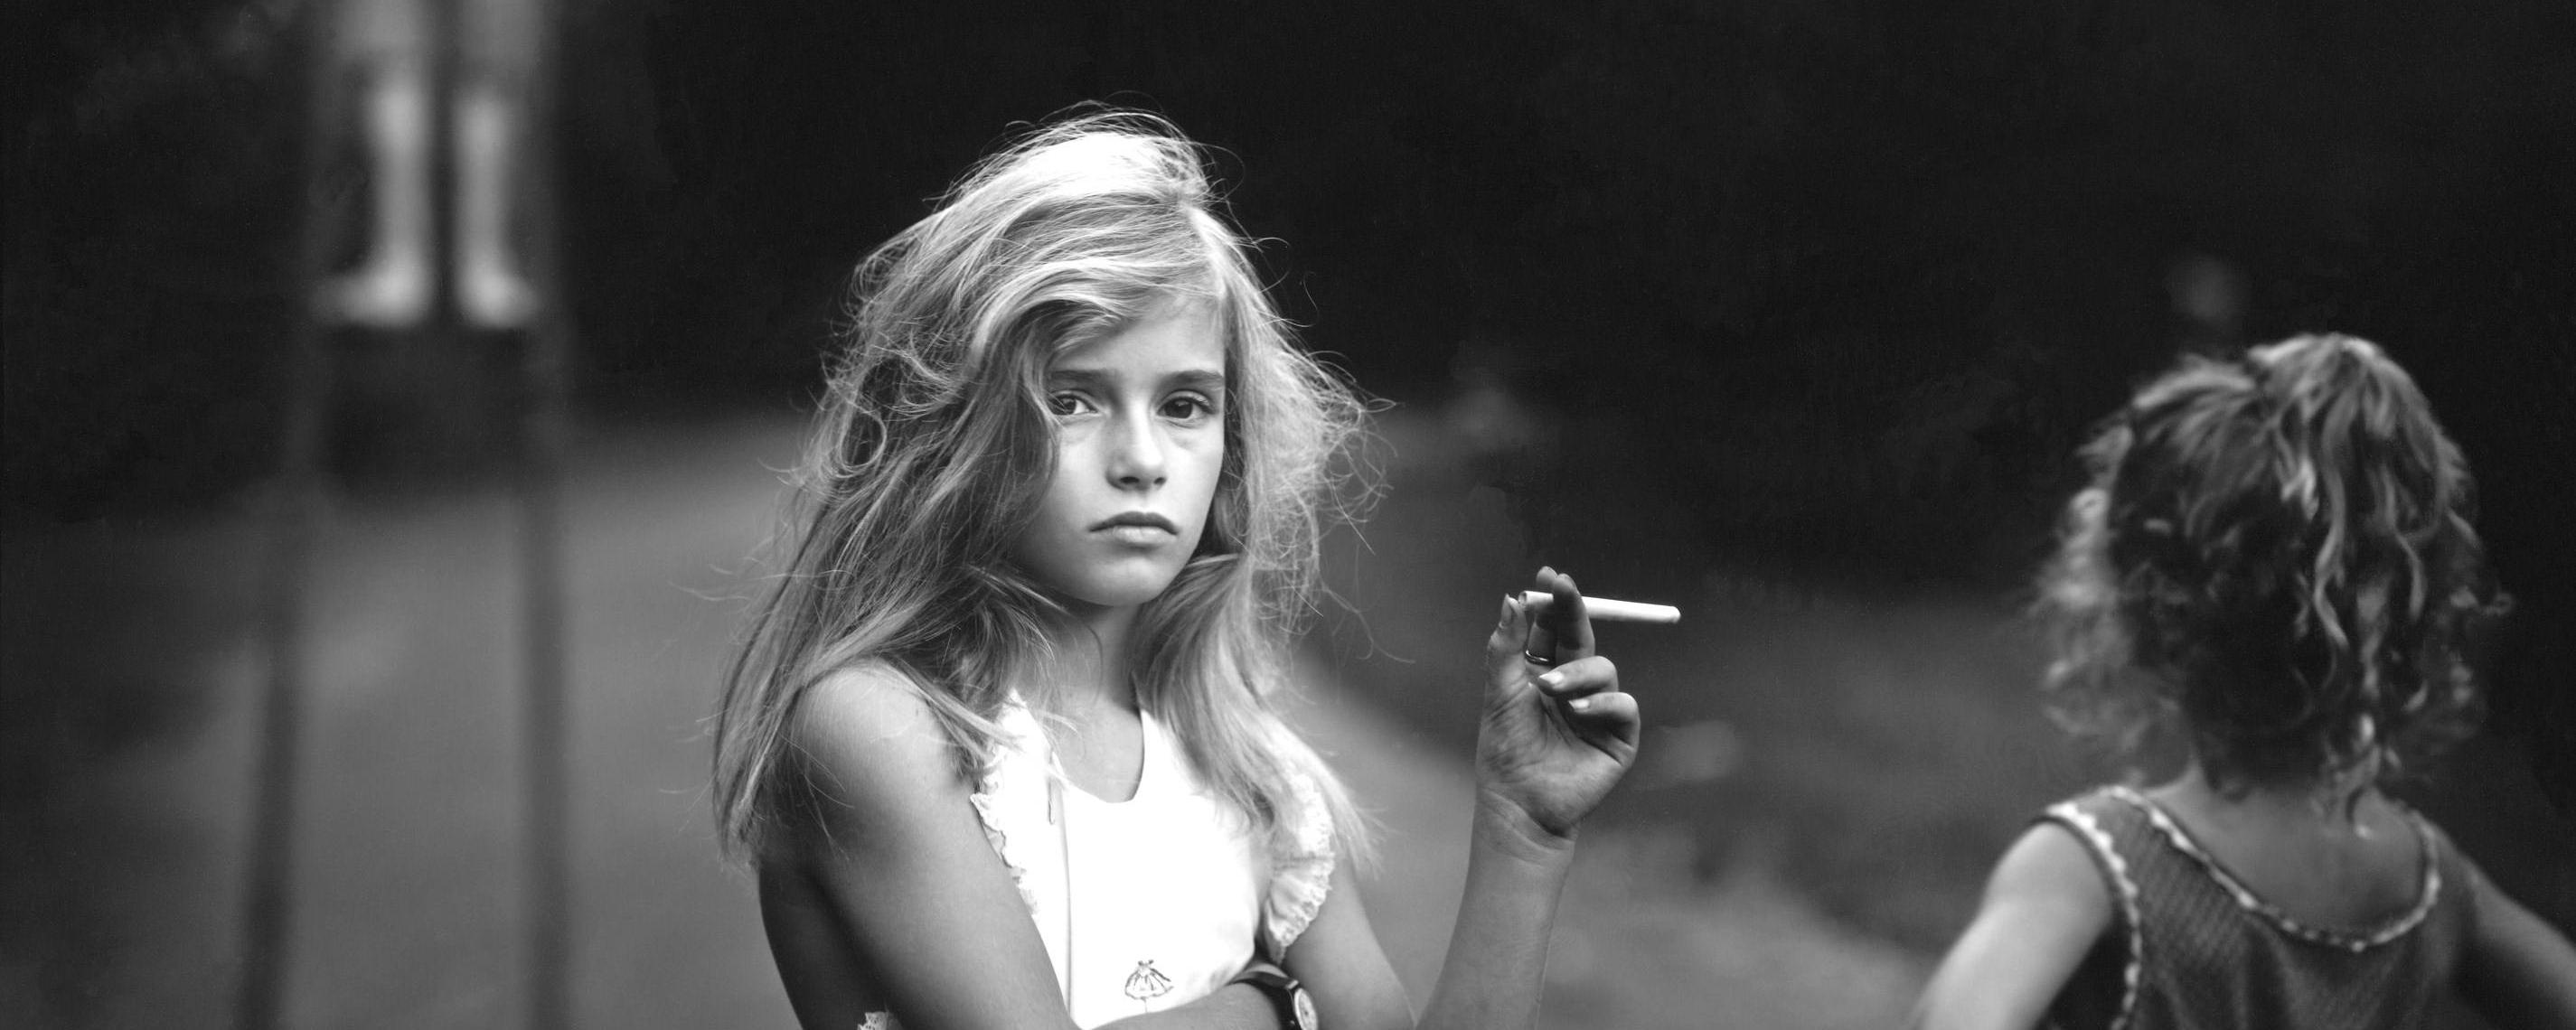 candy_cigarette_slider